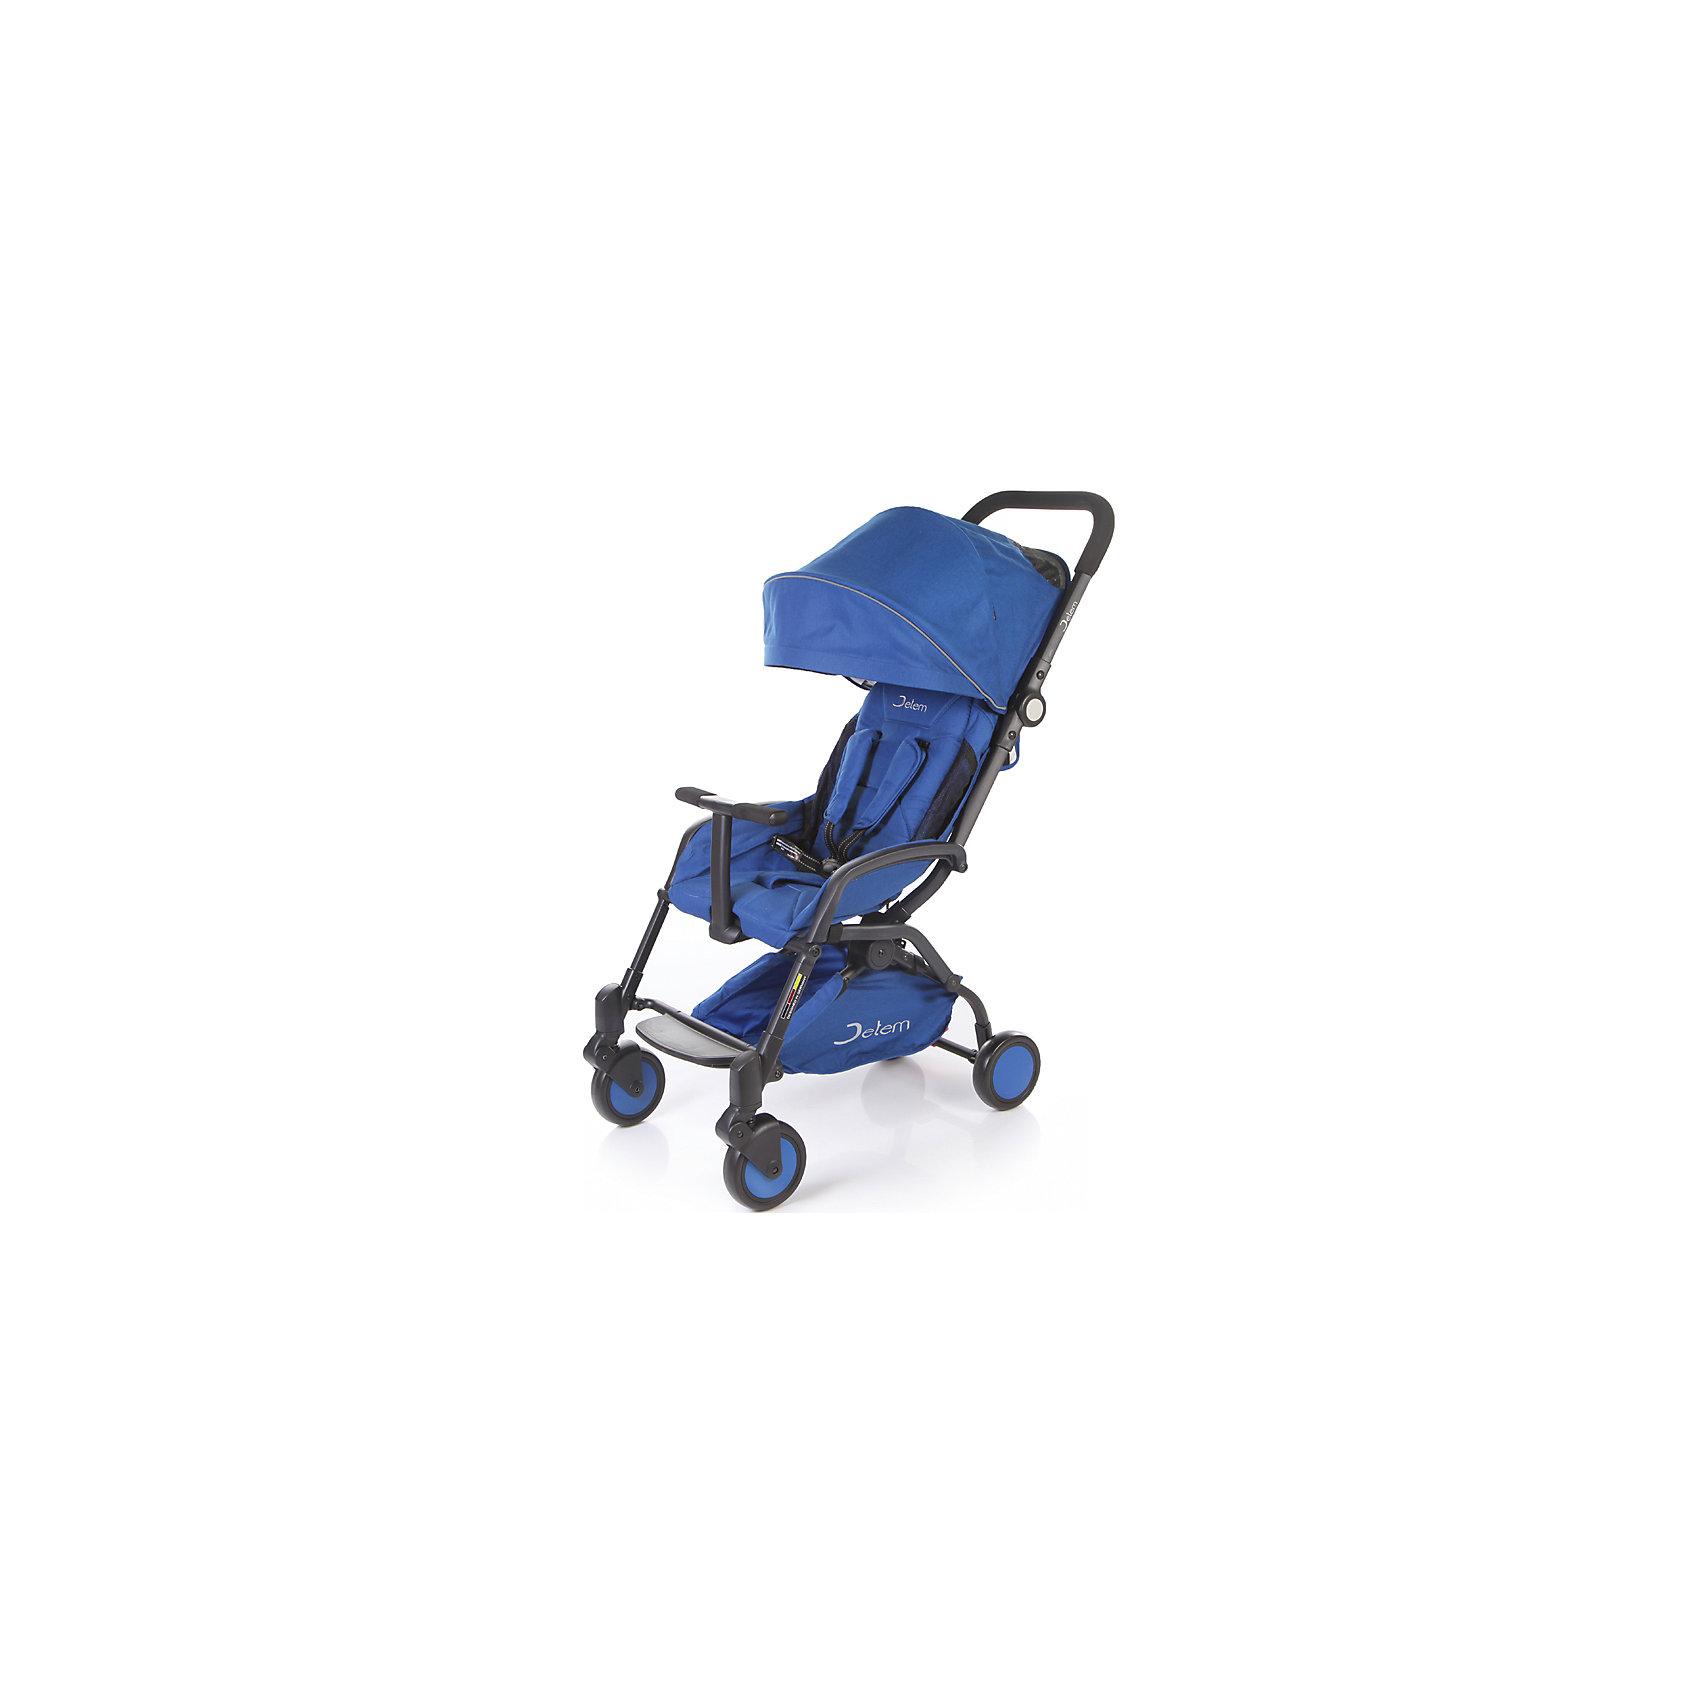 Прогулочная коляска Muzzy, Jetem, синийJetem, Коляска прогулочная Muzzy создана для самых ярких путешествий!!!Коляска имеет оригинальный дизайн, широкое посадочное место. Легко и компактно складывается.<br><br>Особенности:<br>легкая алюминиевая рама,плавающие передние колеса,<br>5-ти точеные ремни безопасности,<br>съемный бампер с мягкой обивкой, <br>очень компактное складывание,<br>3 уровня наклона спинки,ножная тормозная система.<br>Комплектация: Чехол на ноги.<br><br>Дополнительная информация:<br><br>Характеристики: диаметр колес: передние – 15.3 см, задние — 15.3 см,<br>тип колес: одинарные,<br>механизм складывания: книжка,<br>вес: 7.6 кг,<br>ширина сиденья: 39 см,<br>размер корзины: 41х18х8 см,<br>размер в разложенном виде: 87х44х104 см,<br>размер в сложенном виде: 51х44х31 см.<br><br>Прогулочную коляску Muzzy, Jetem, синий можно купить в нашем магазине.<br><br>Ширина мм: 460<br>Глубина мм: 550<br>Высота мм: 250<br>Вес г: 9200<br>Цвет: синий<br>Возраст от месяцев: 6<br>Возраст до месяцев: 36<br>Пол: Унисекс<br>Возраст: Детский<br>SKU: 4679099